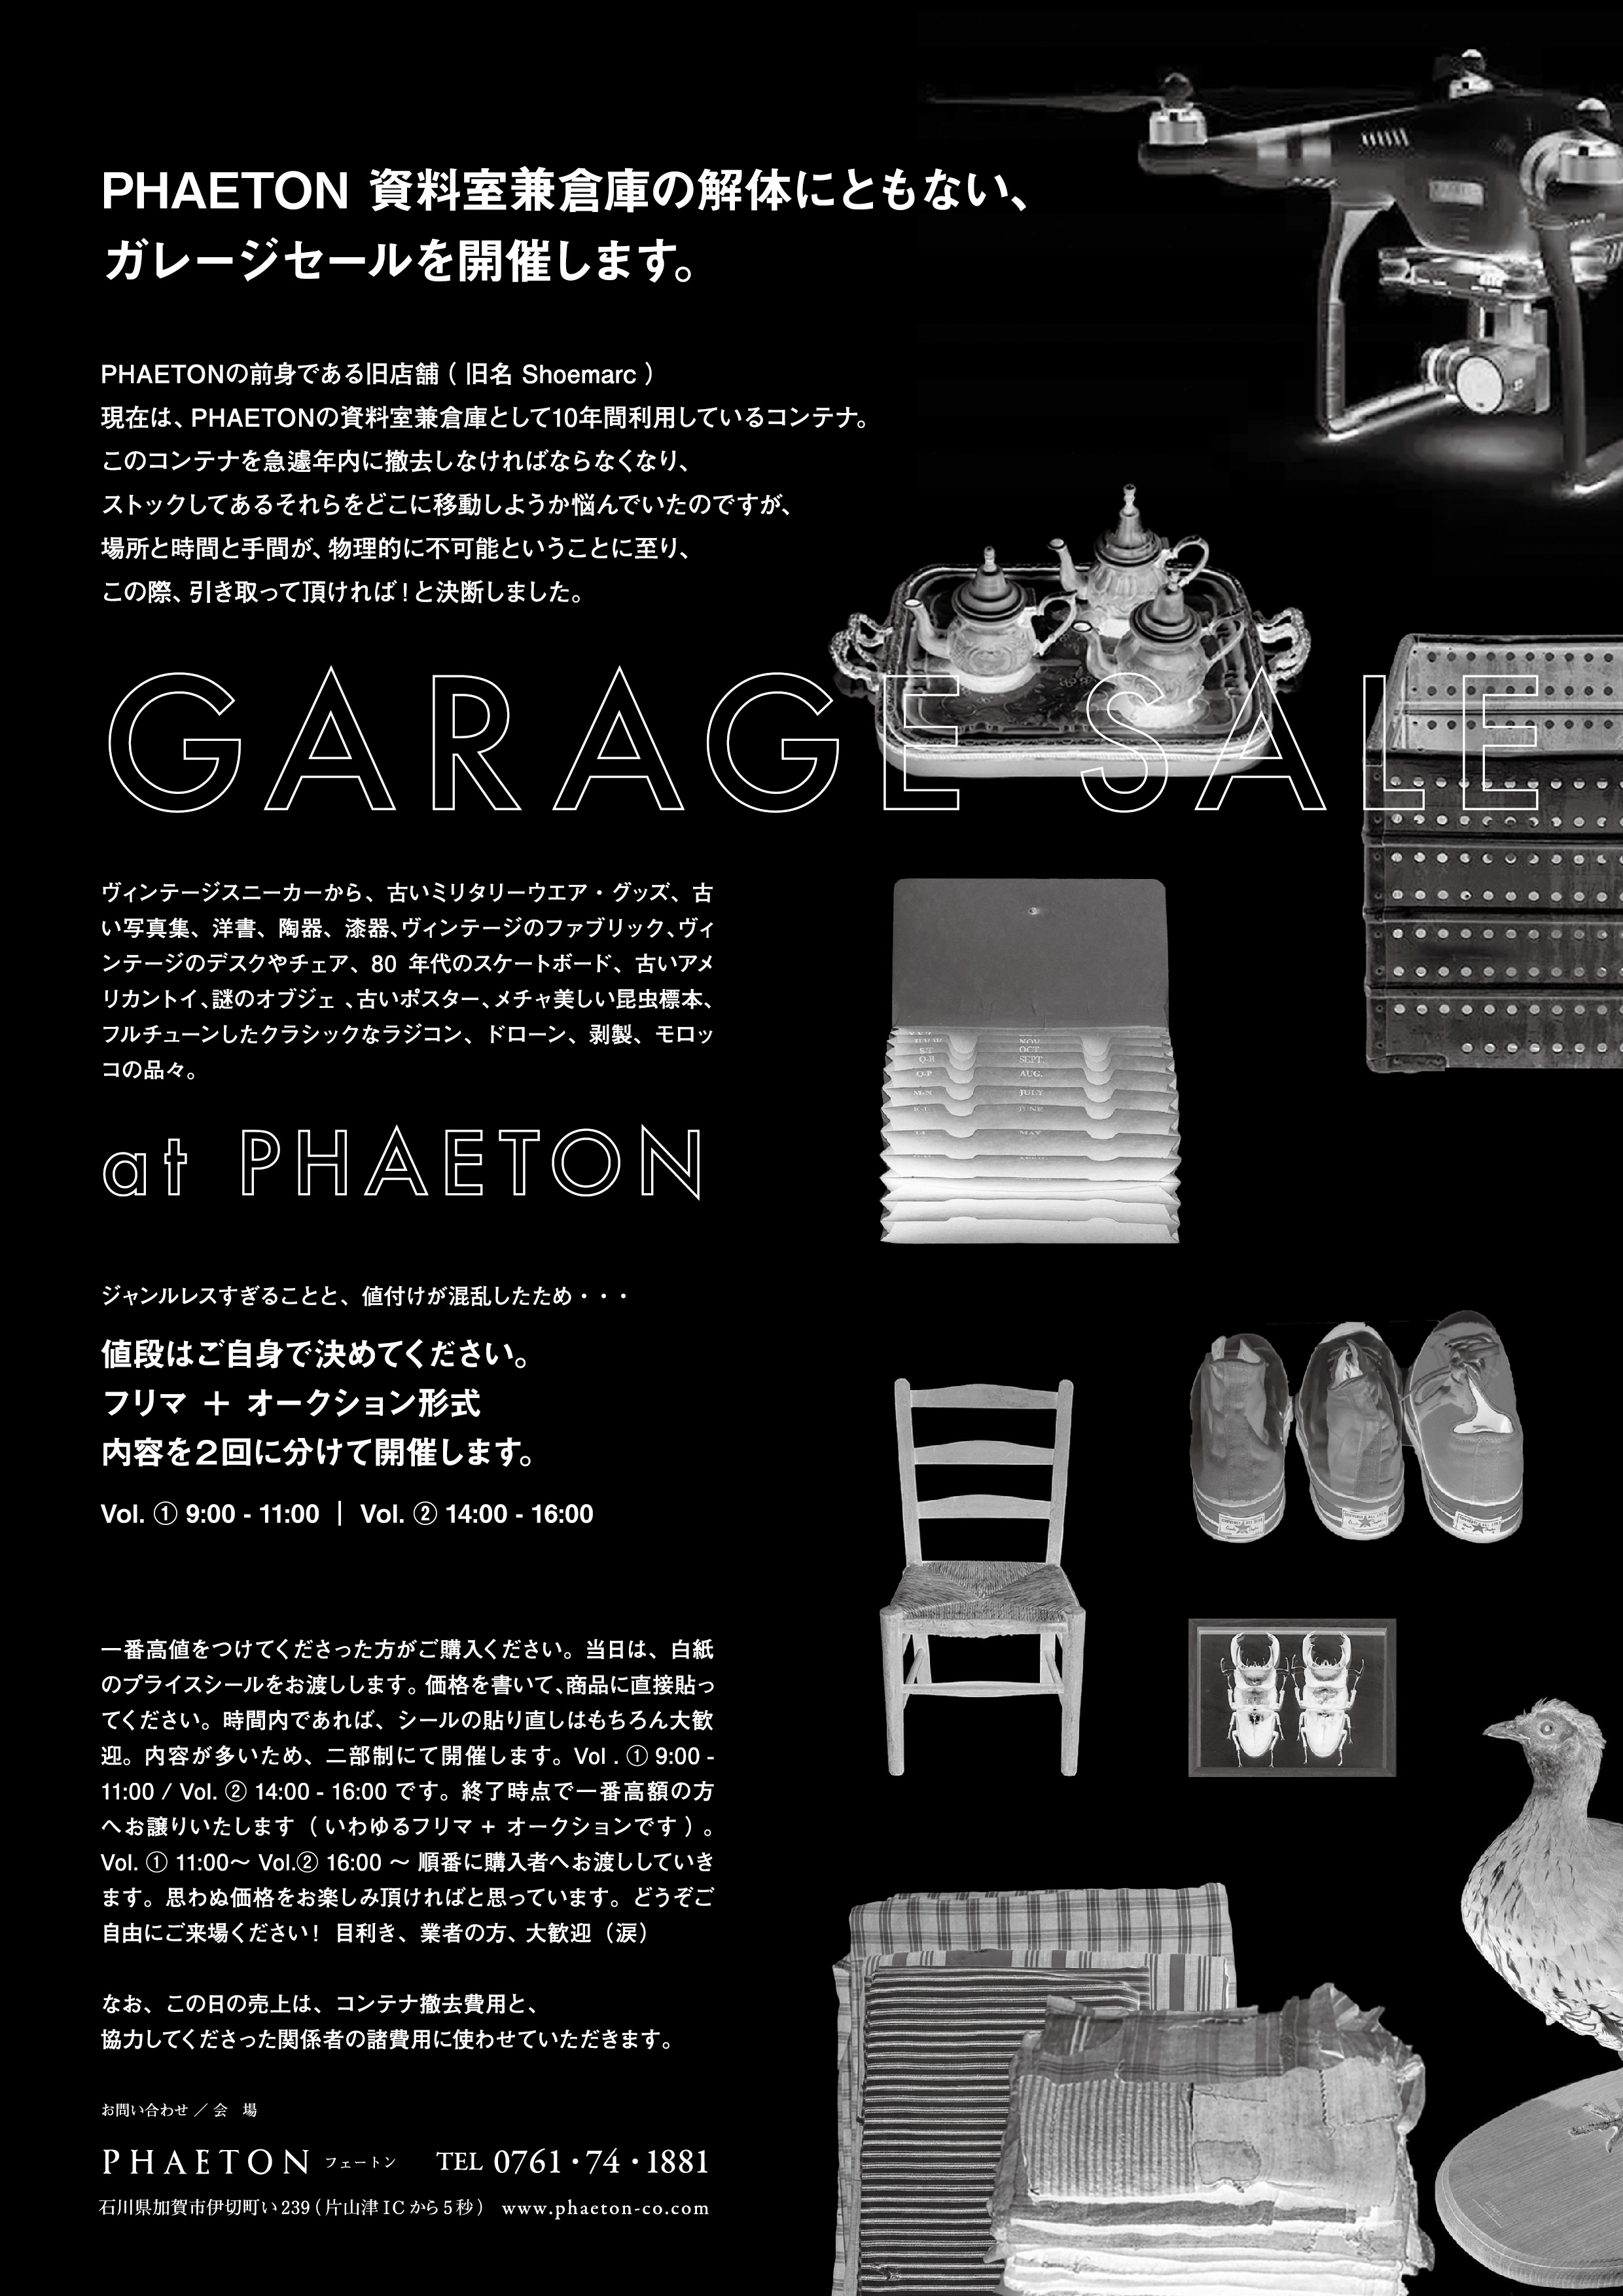 GARAGE SALE|PHAETON 2018. 10/28